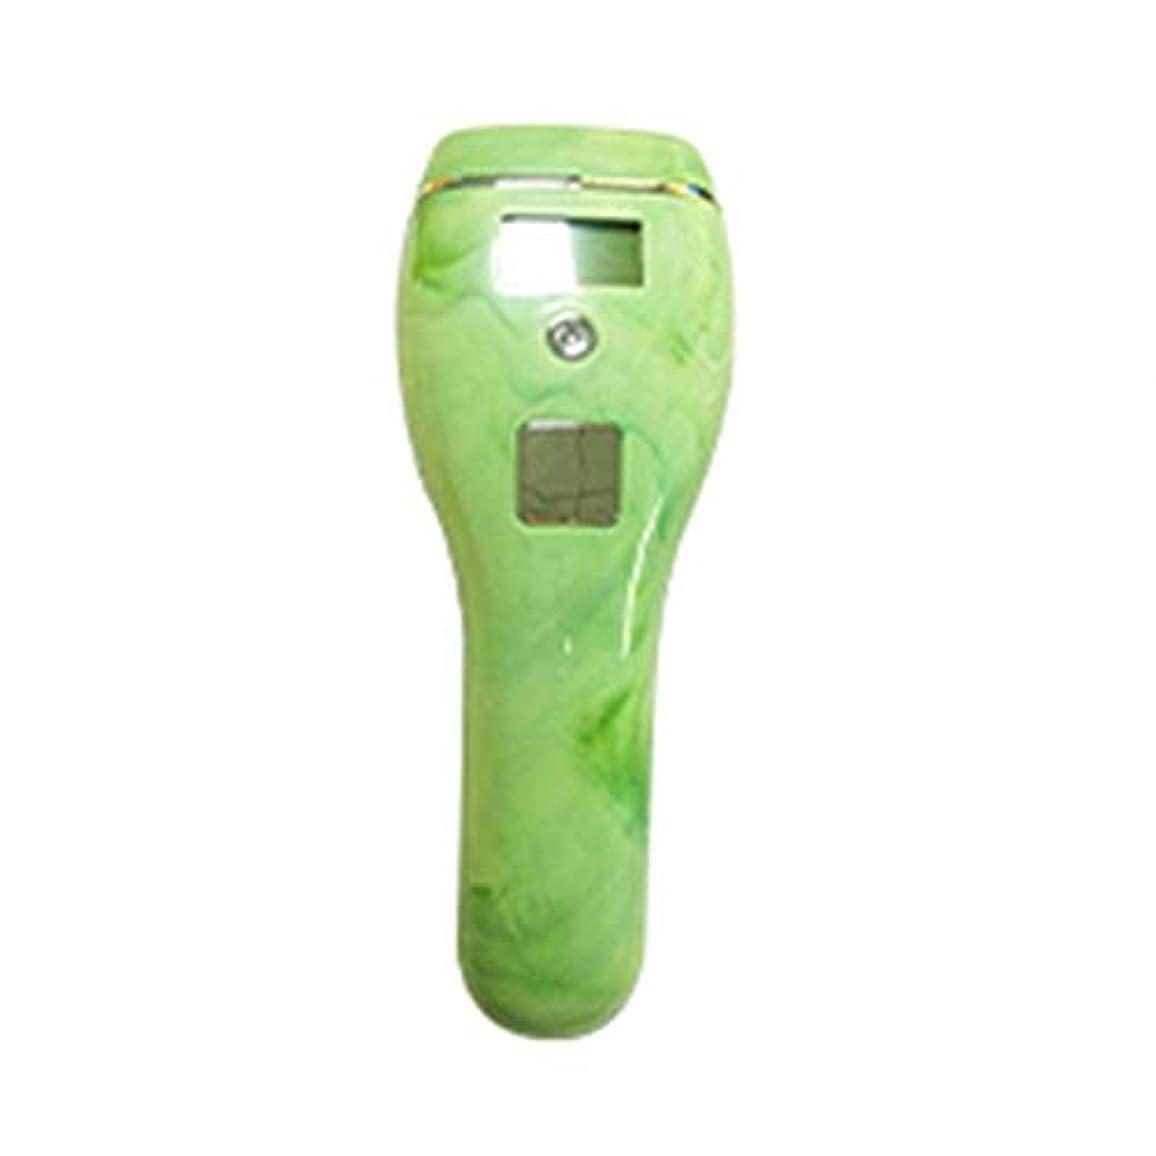 利益ウサギずっとダパイ 自動肌のカラーセンシング、グリーン、5速調整、クォーツチューブ、携帯用痛みのない全身凍結乾燥用除湿器、サイズ19x7x5cm U546 (Color : Green)